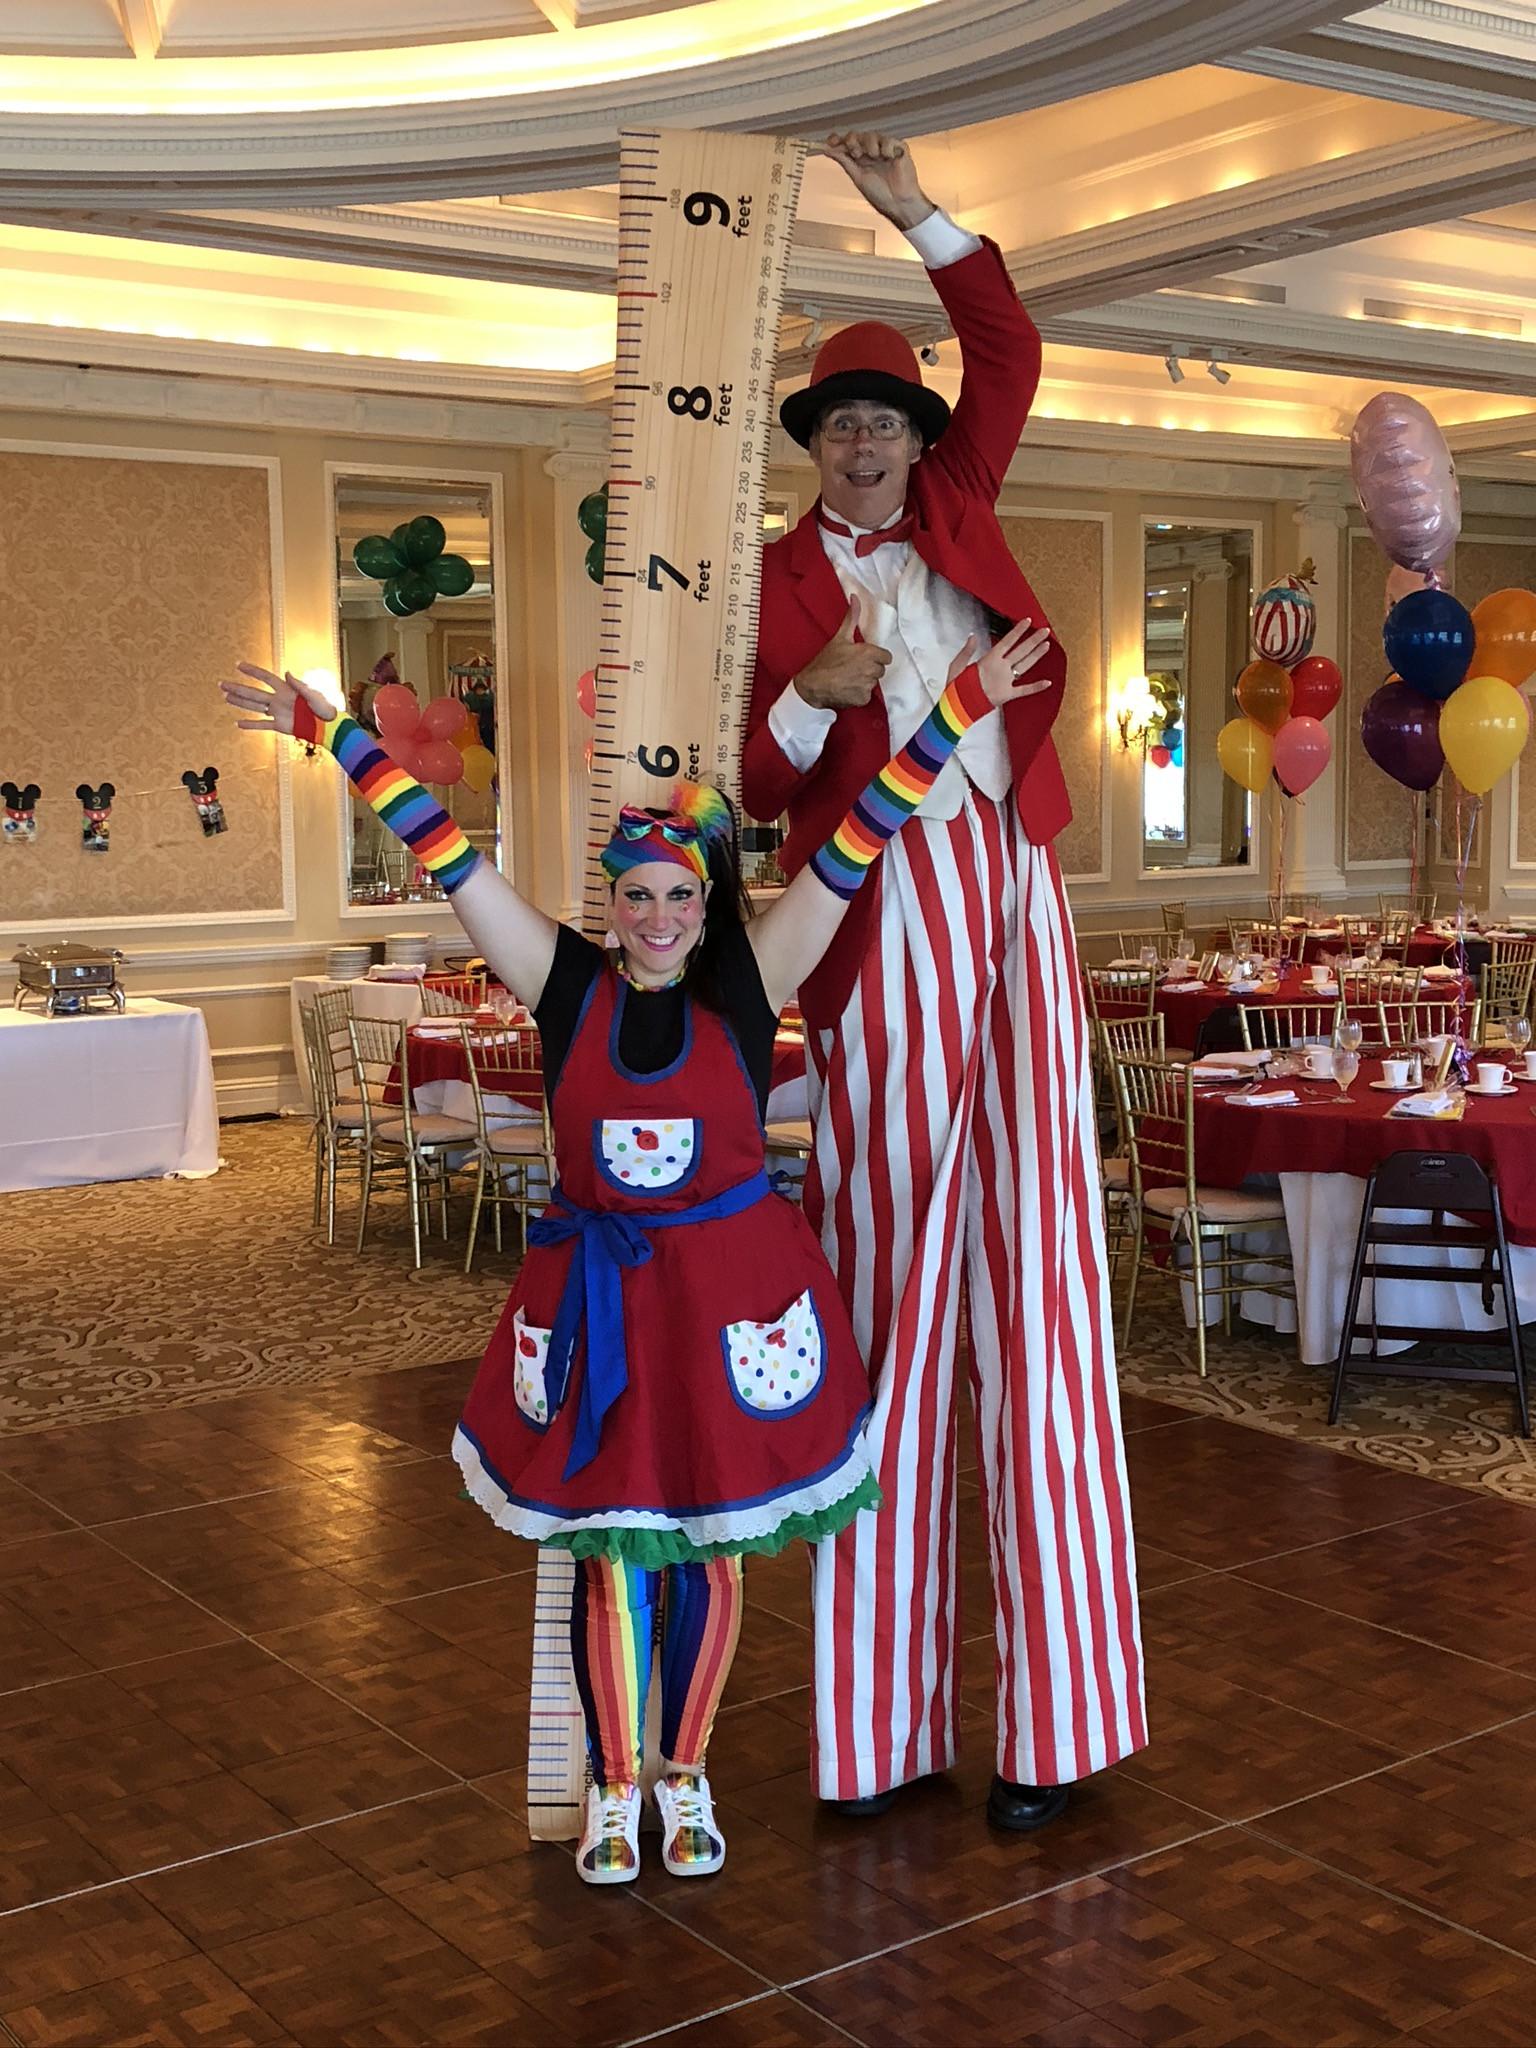 Children Party Entertainment Long Island  Adrenaline Entertainment